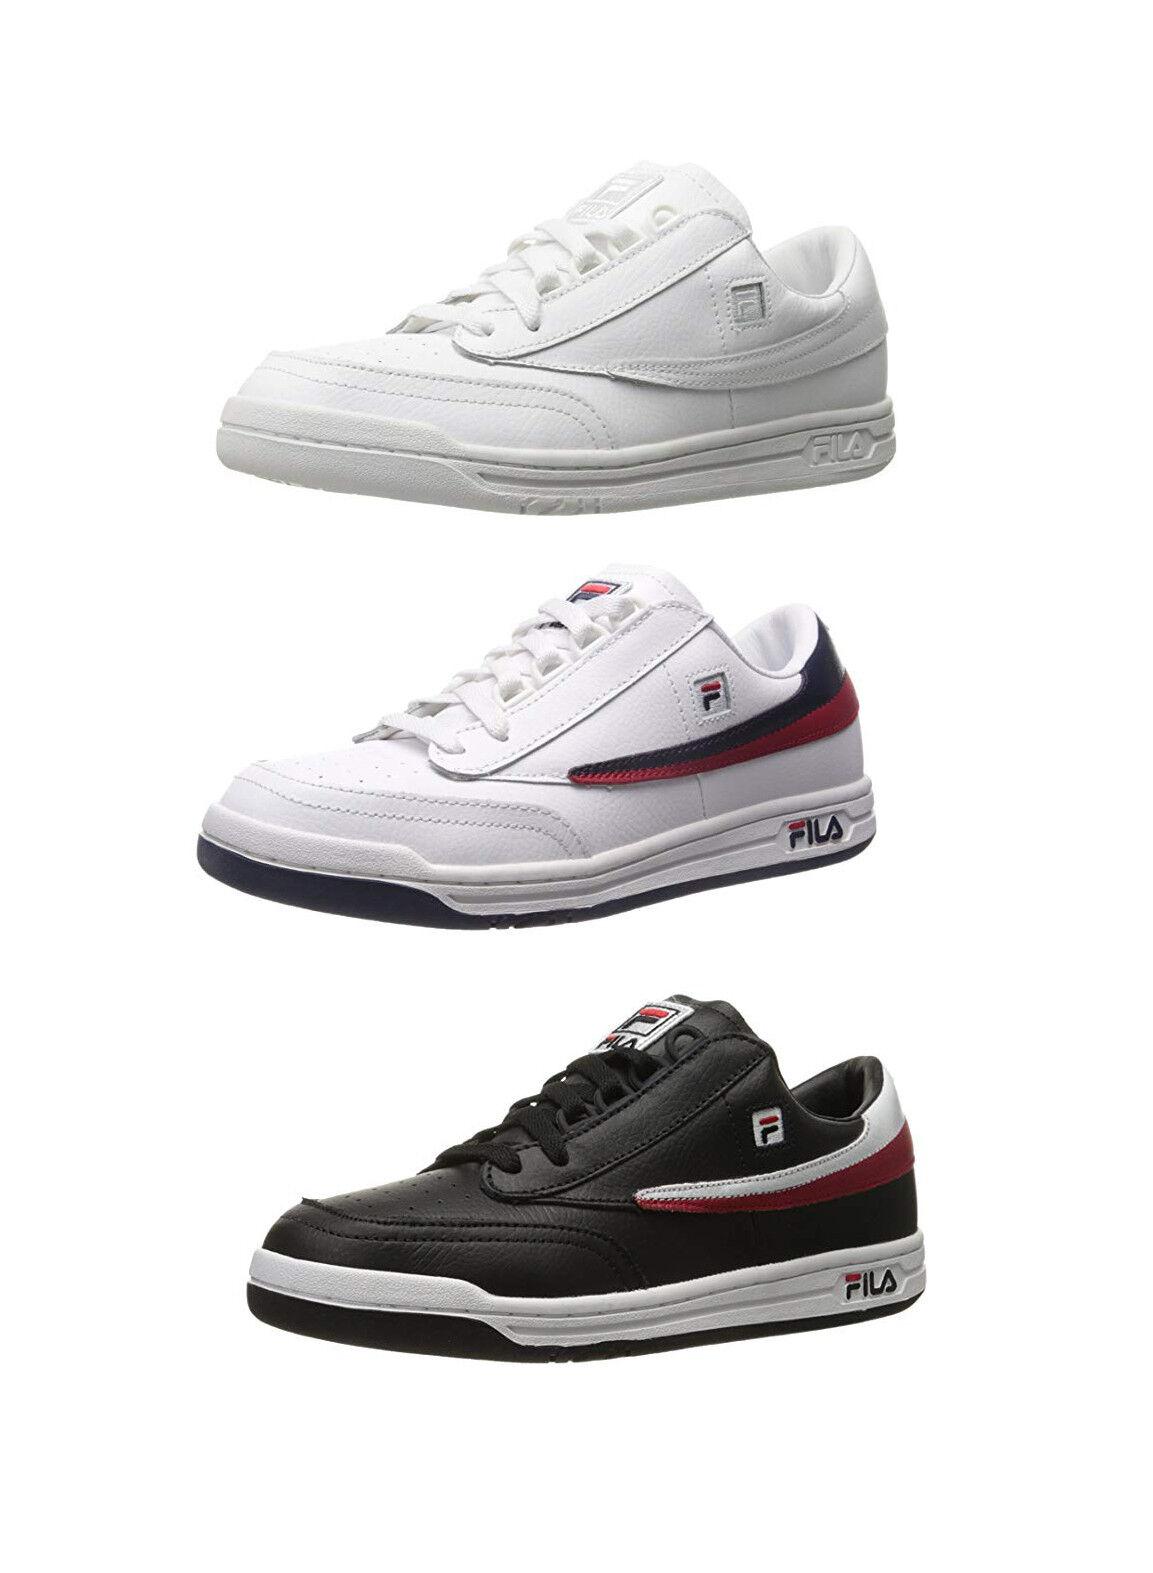 Fila Original Tenis Zapatos Estilo Clásico 1VT13040 Estilo Retro